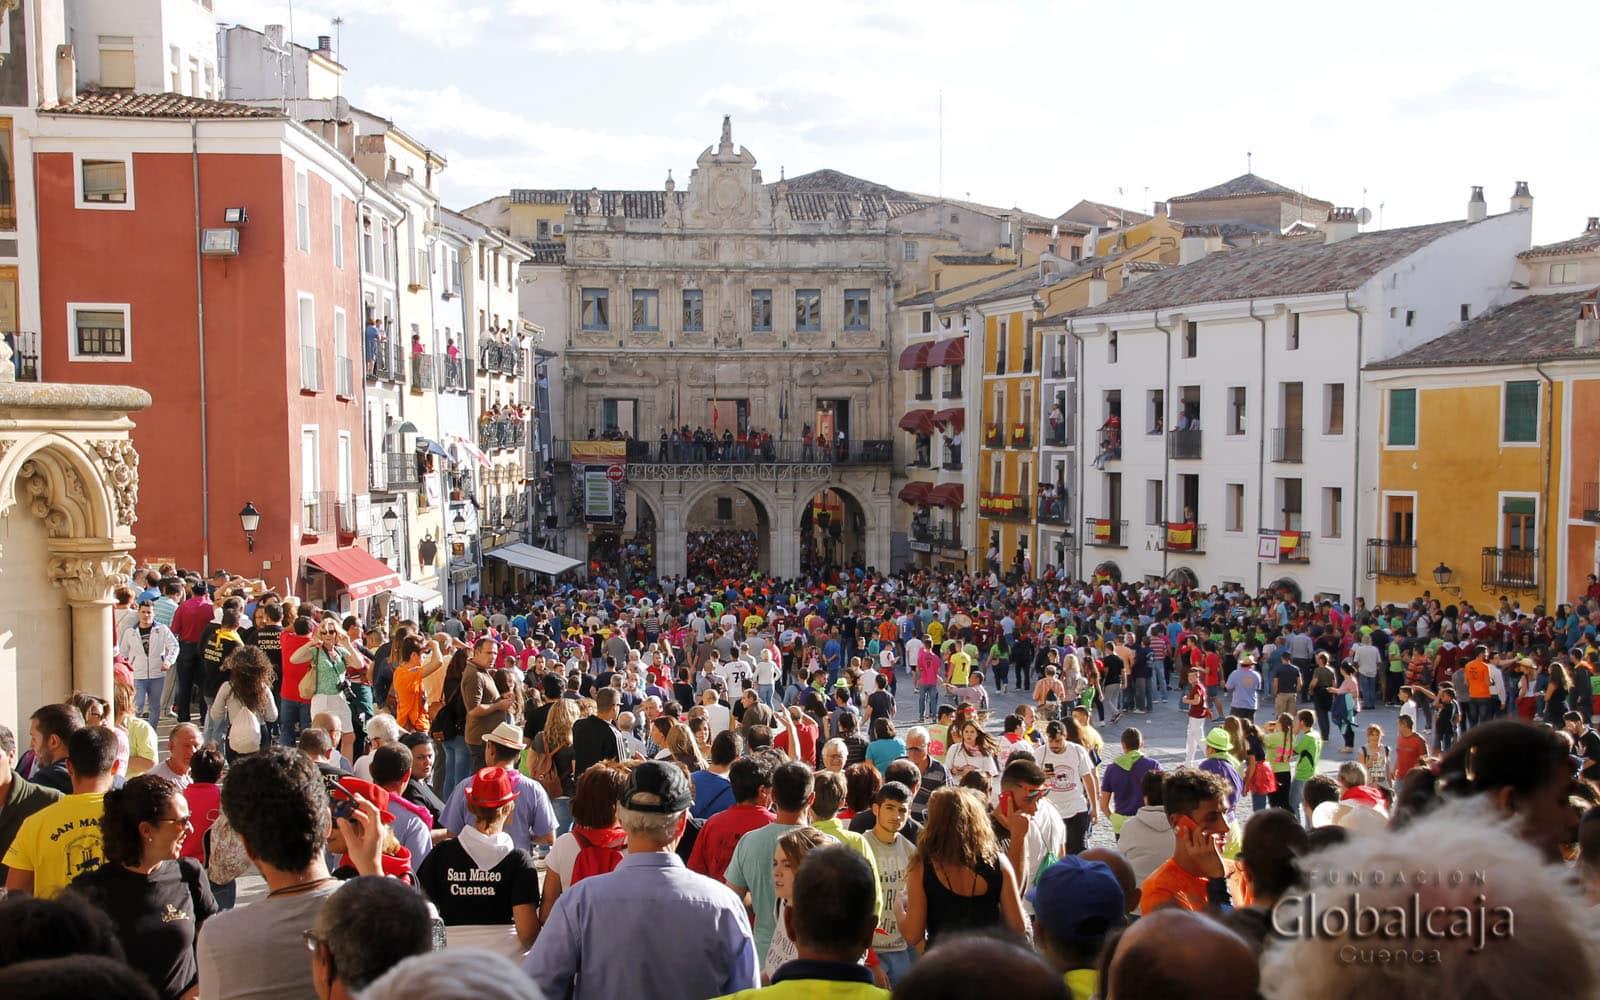 Globalcaja colabora, un año más, en las fiestas de San Mateo en Cuenca